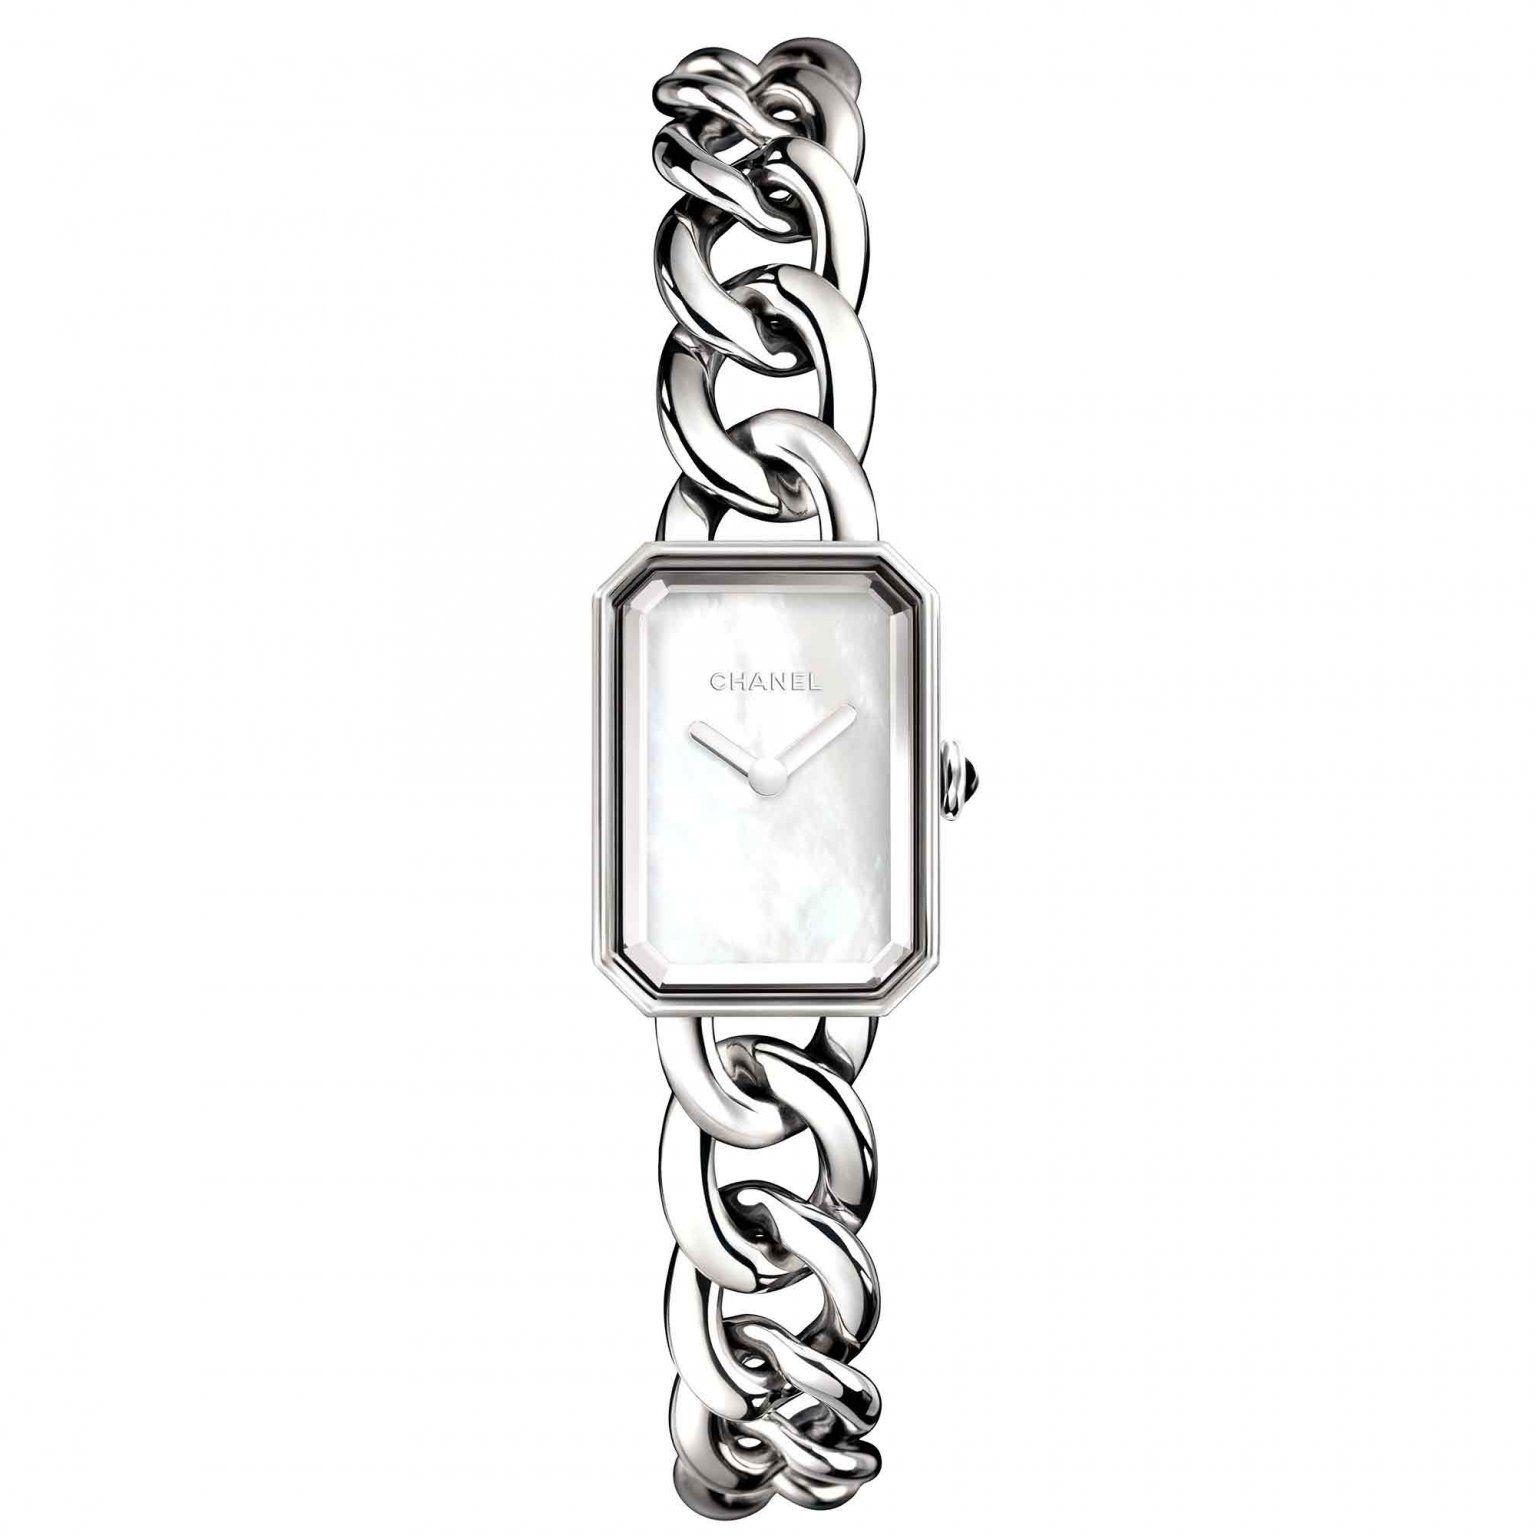 Où acheter une belle montre ?